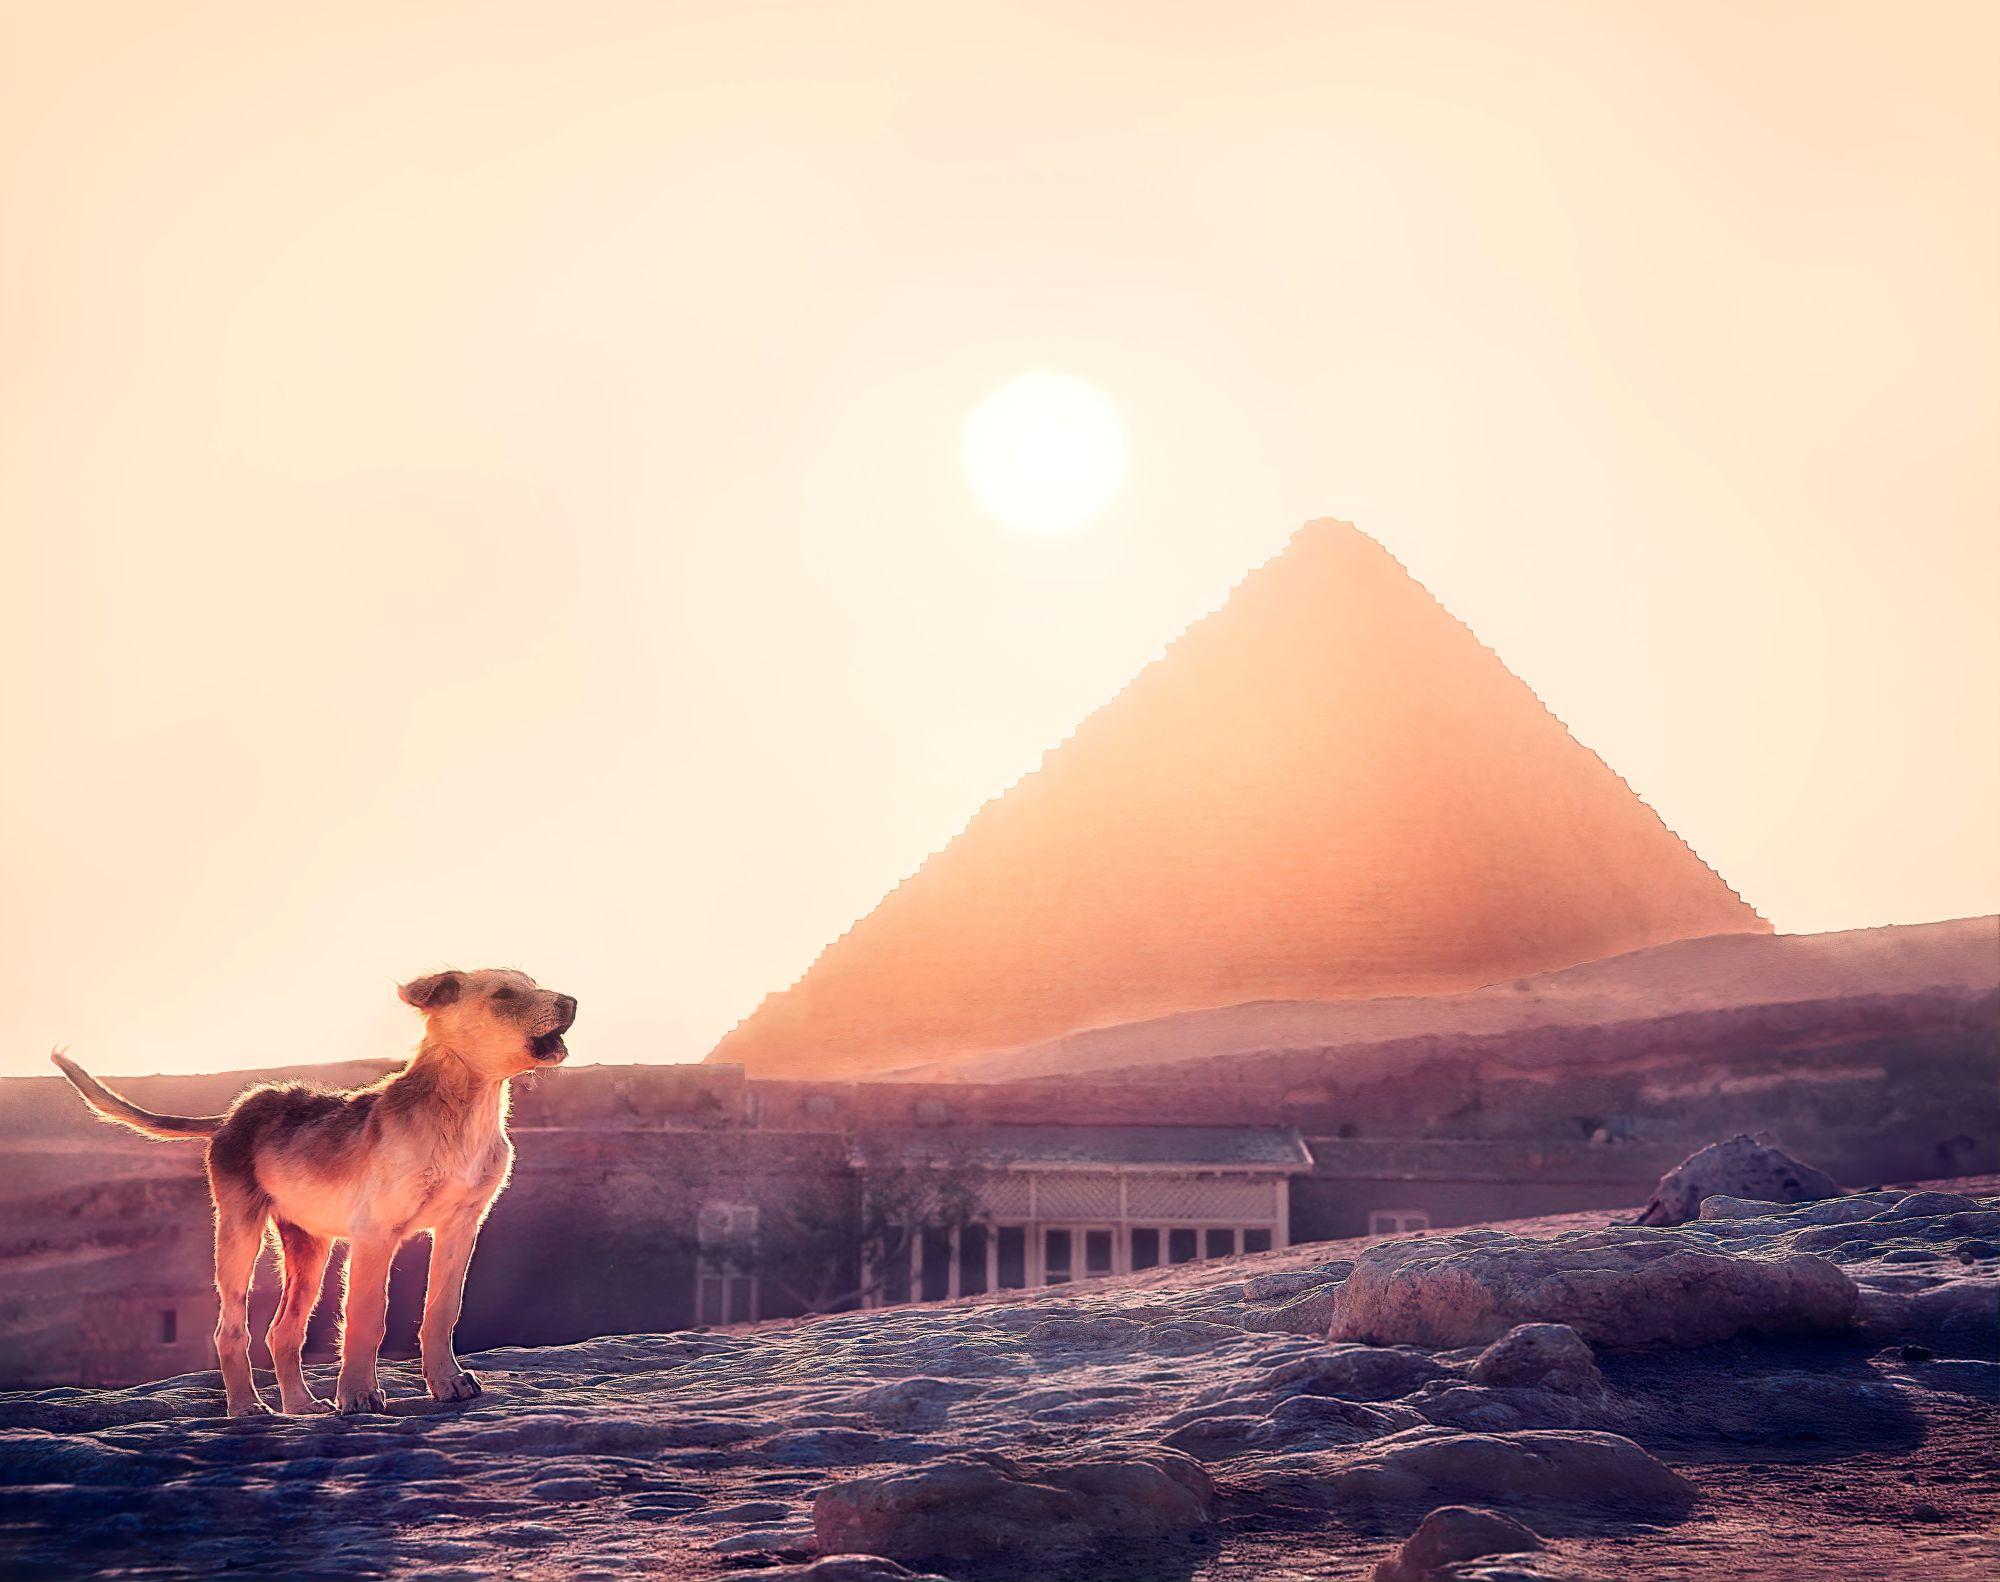 Egypt & Jordan Exclusive Tours 2019 - 2020 -  Sunset at Pyramids